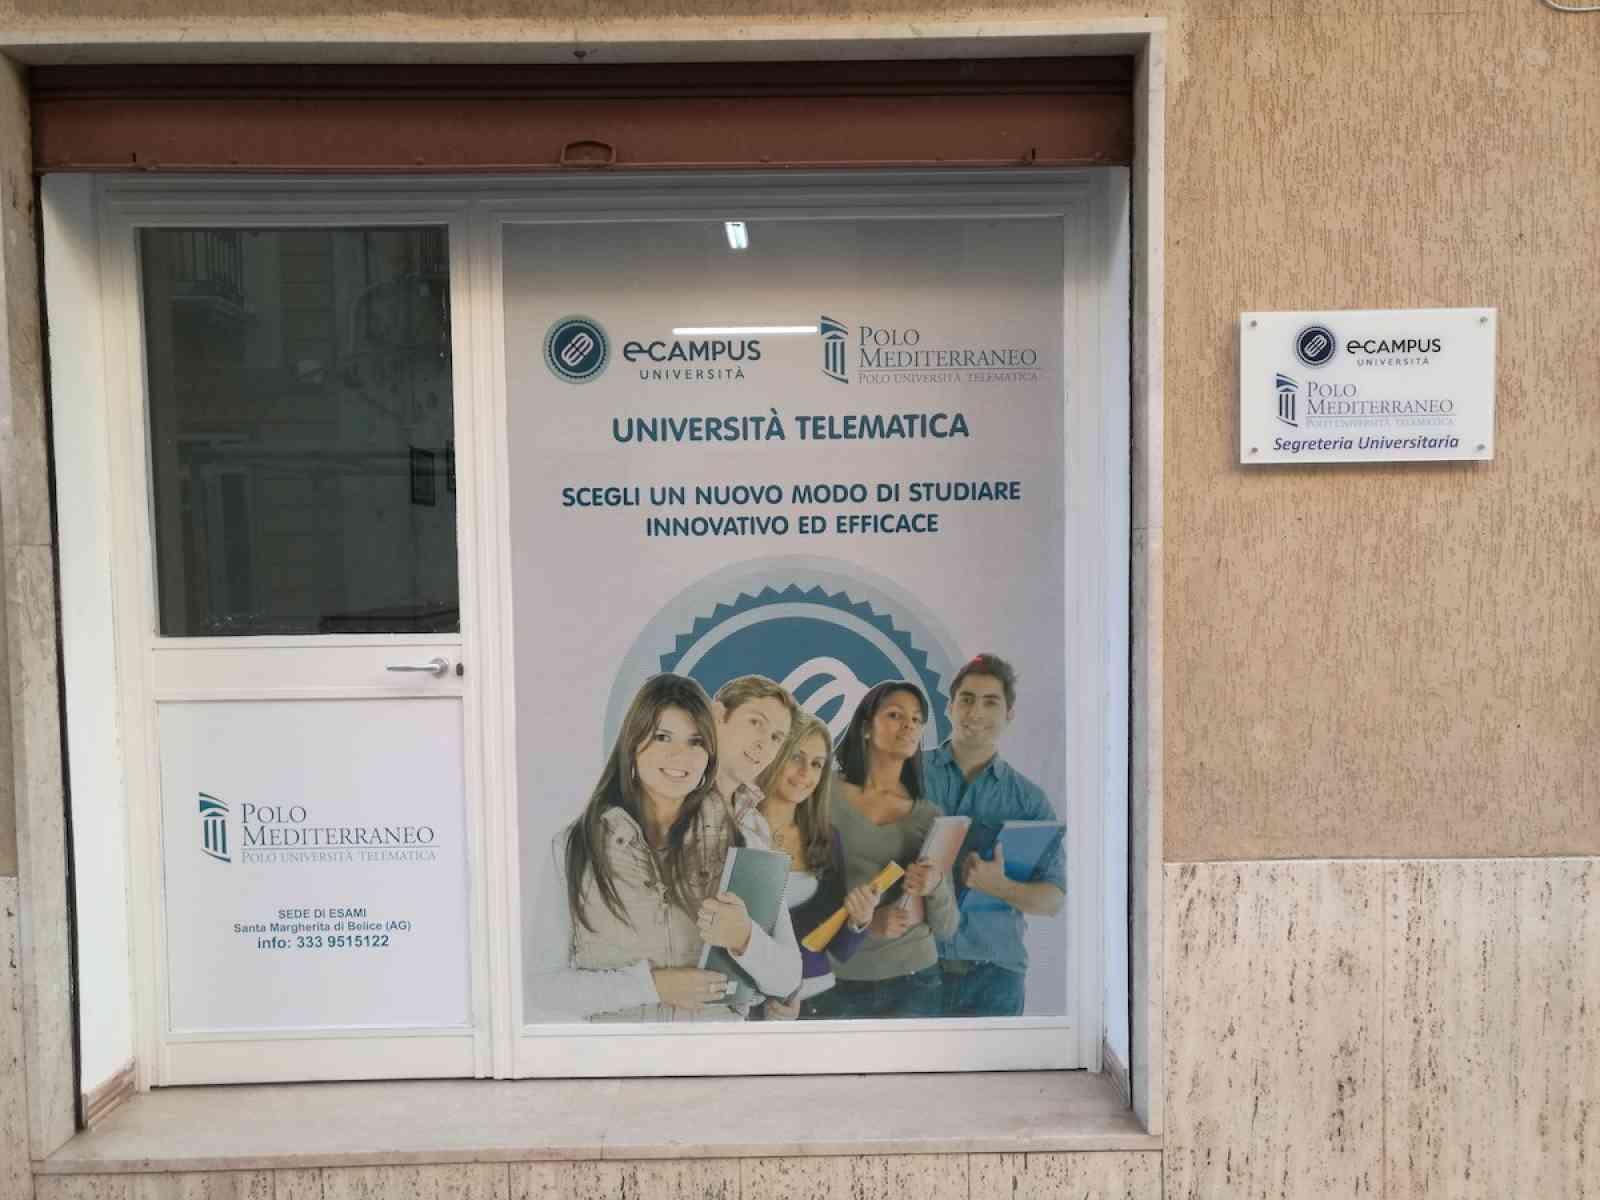 Immagine articolo: L'Università Telematica eCampus apre una segreteria a Menfi